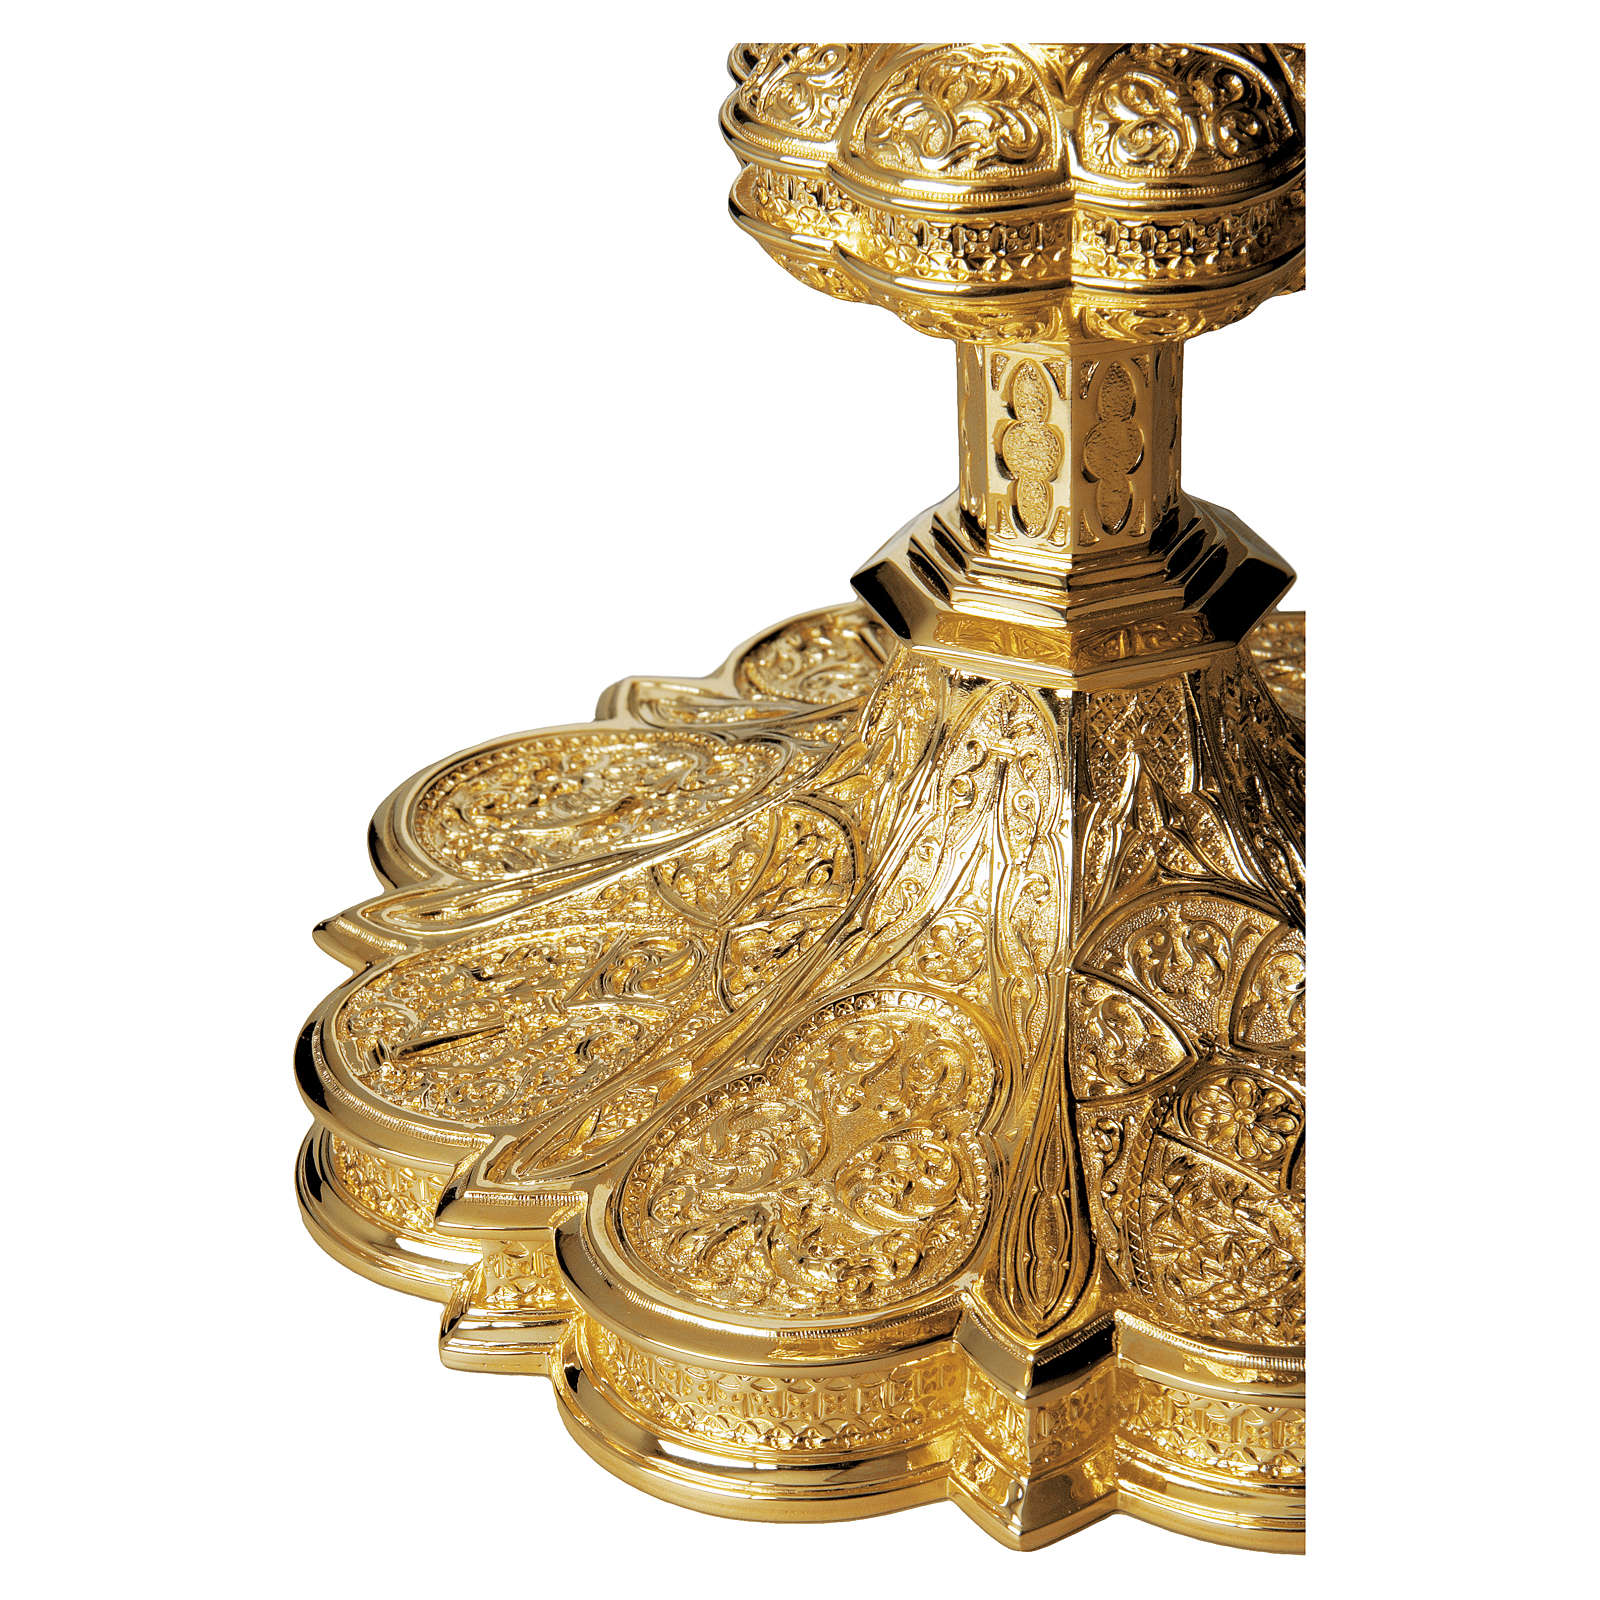 Calice e patena Molina stile gotico ottagonale argento massiccio 925 dorato 4